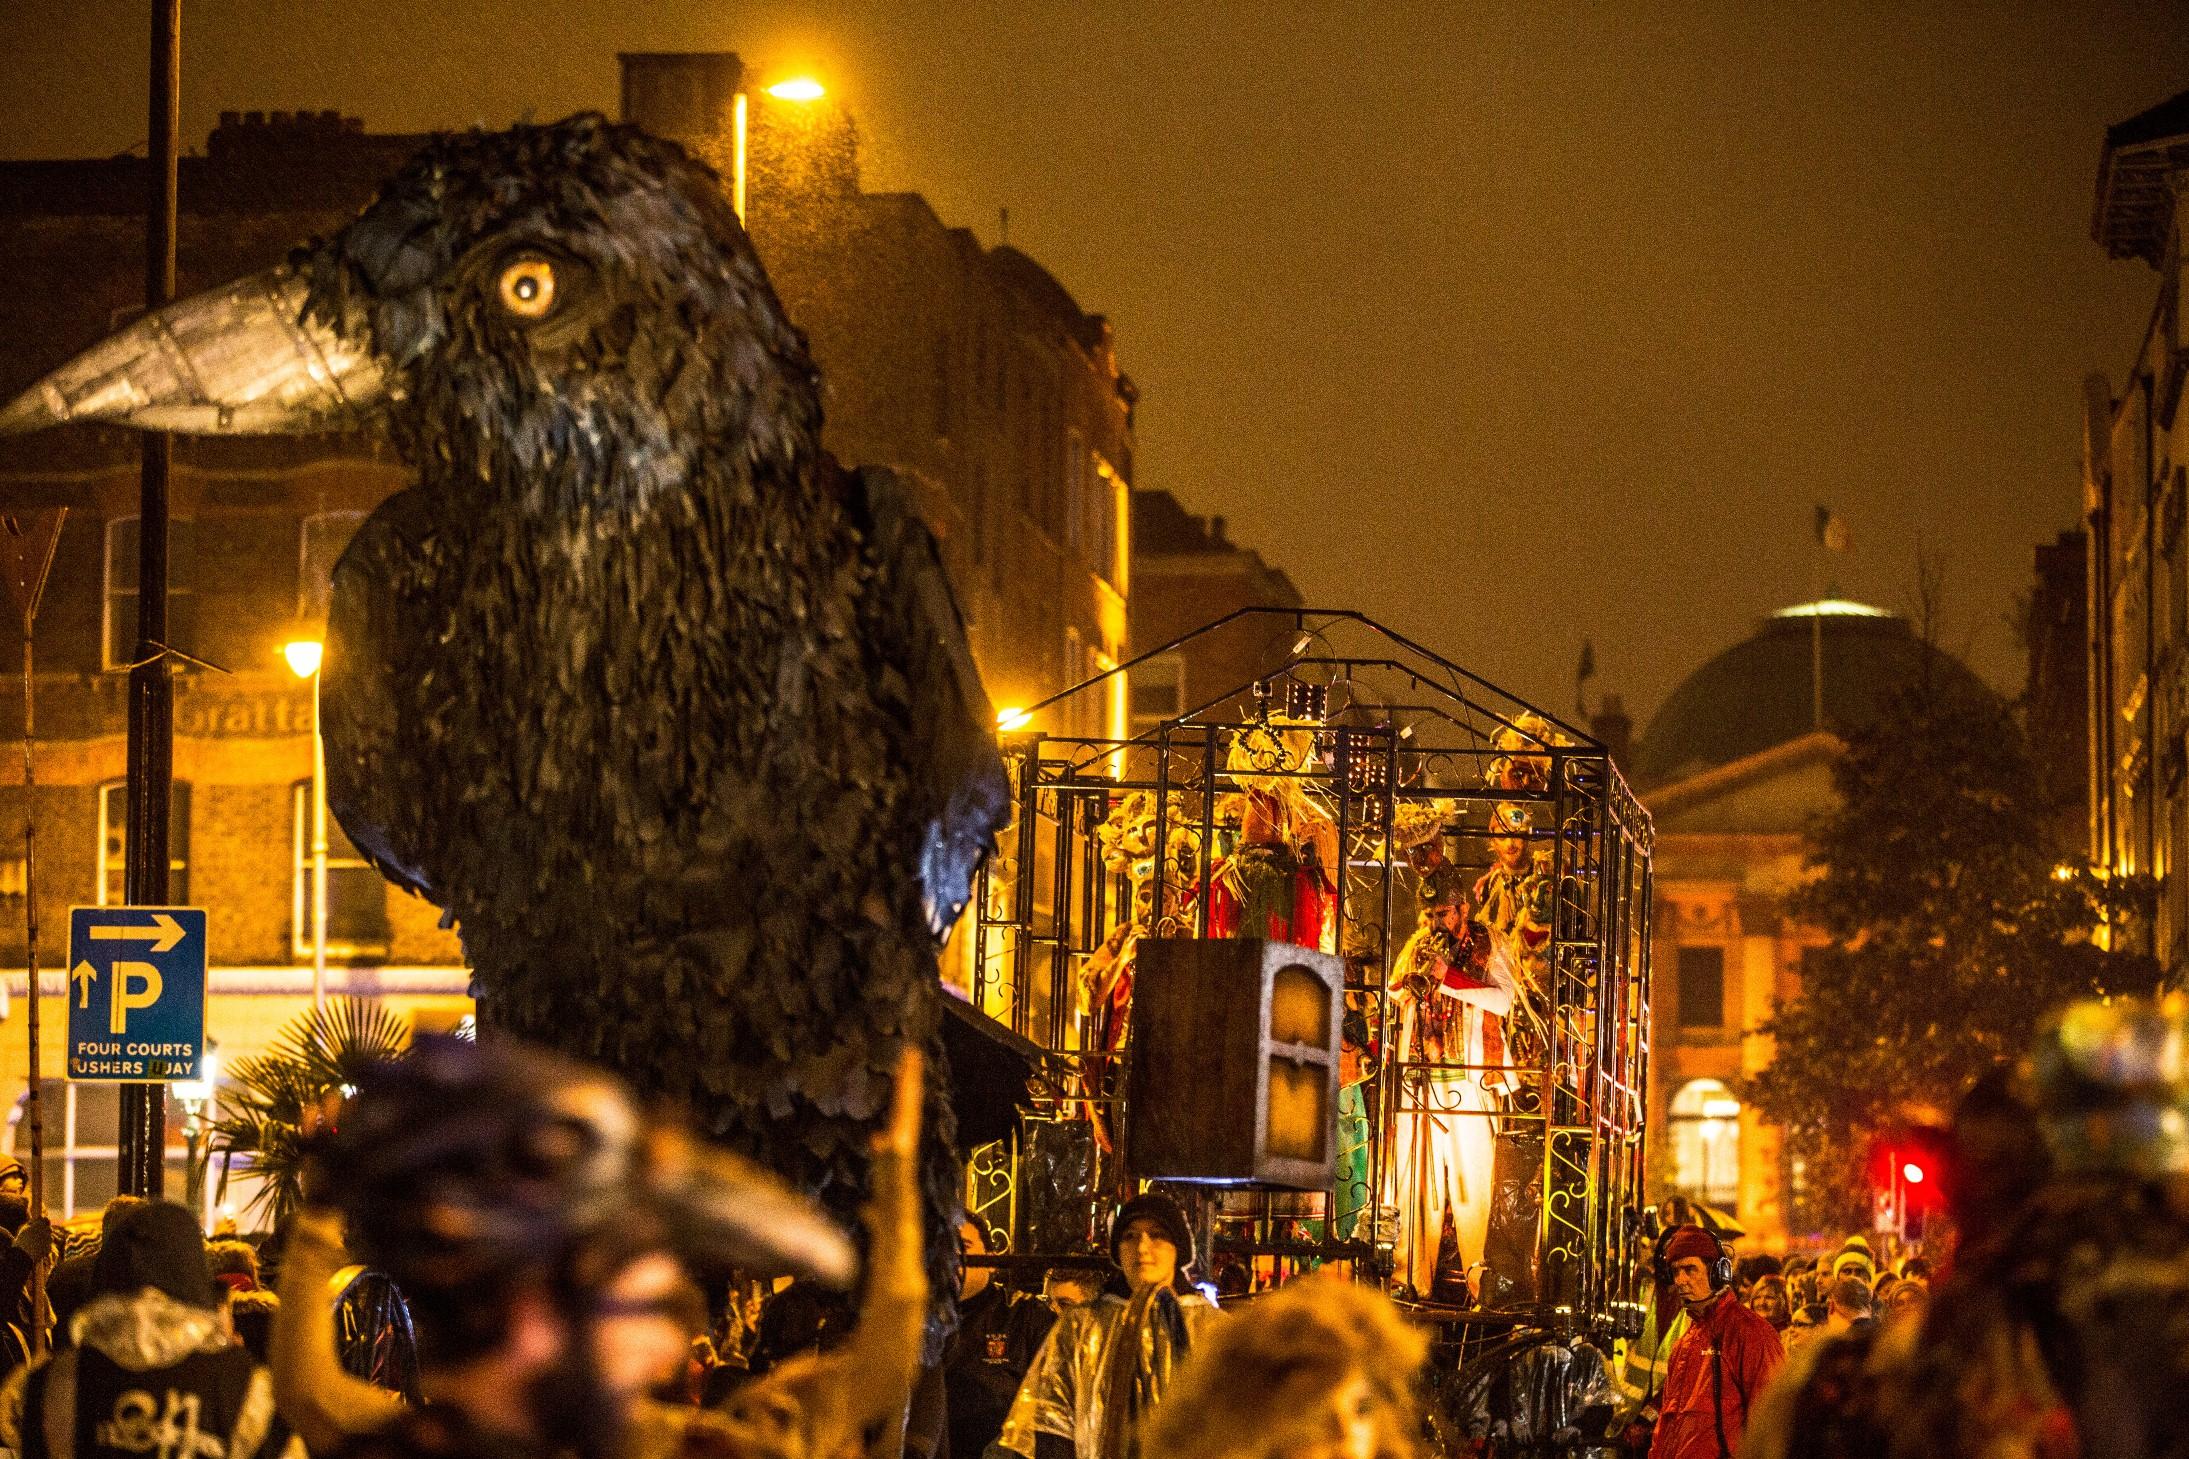 bram-stoker-festival-macnas-1